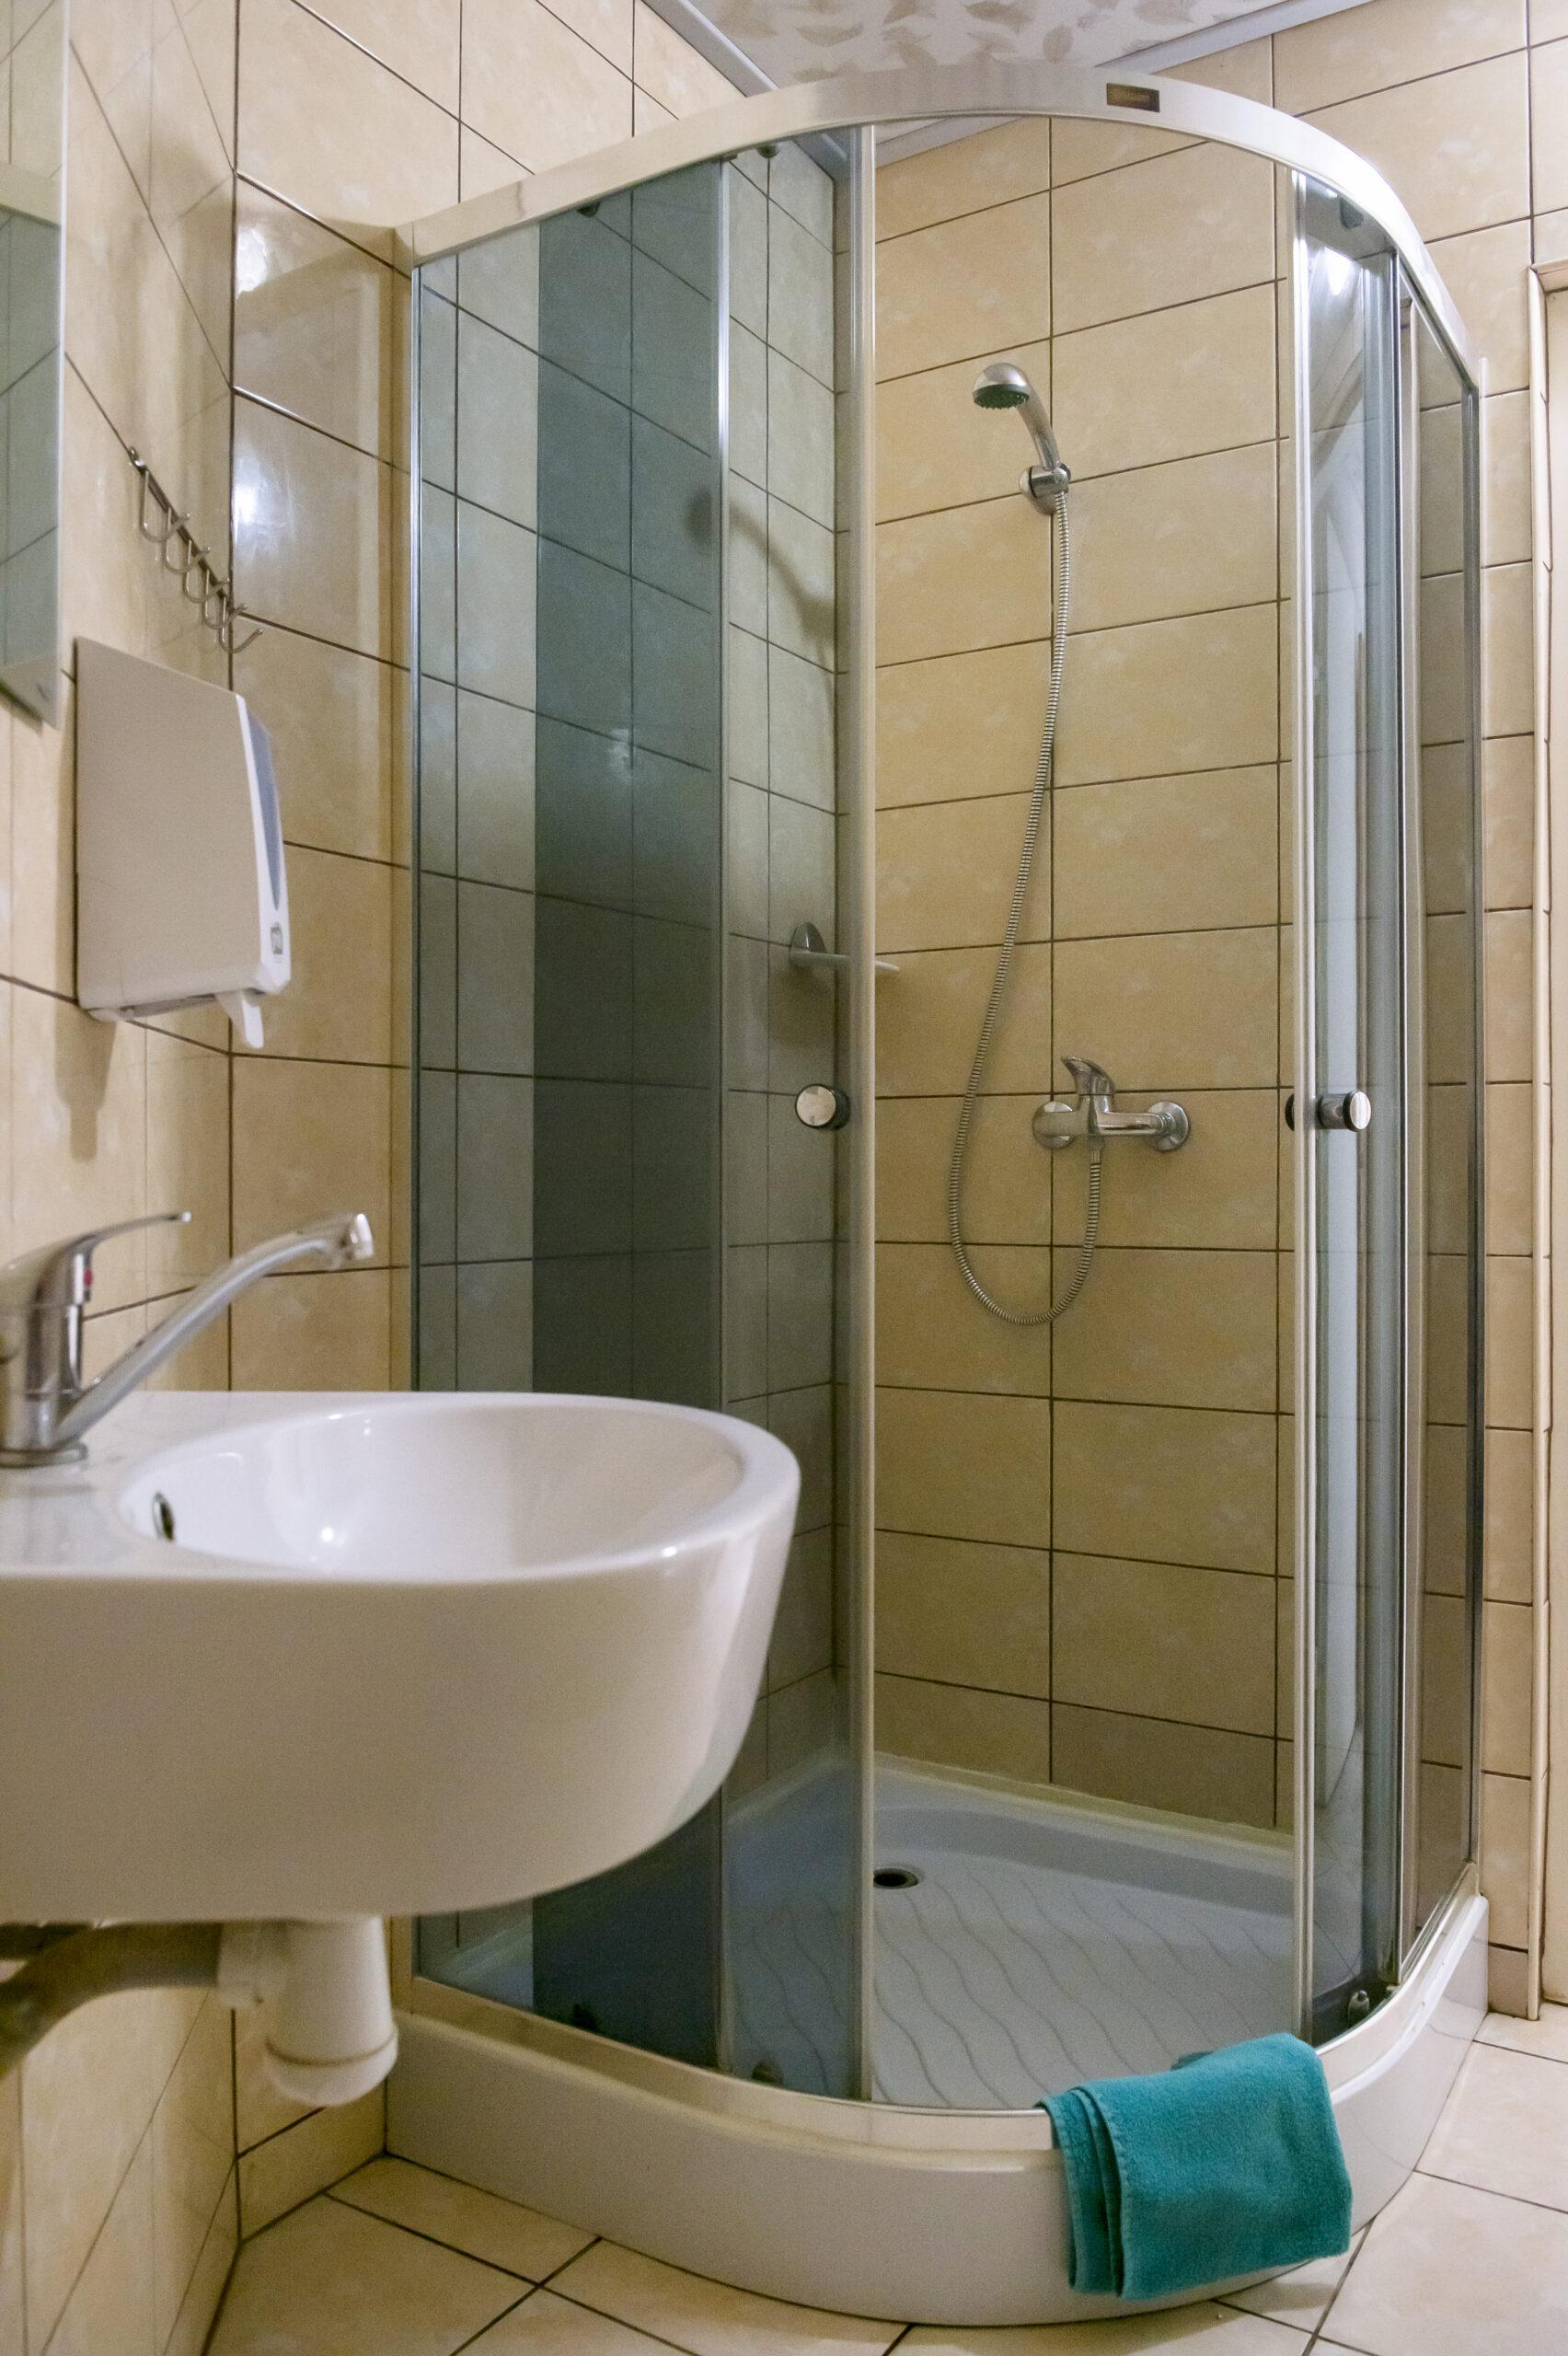 Kambarių su patogumais dušas ir tualetas (1)